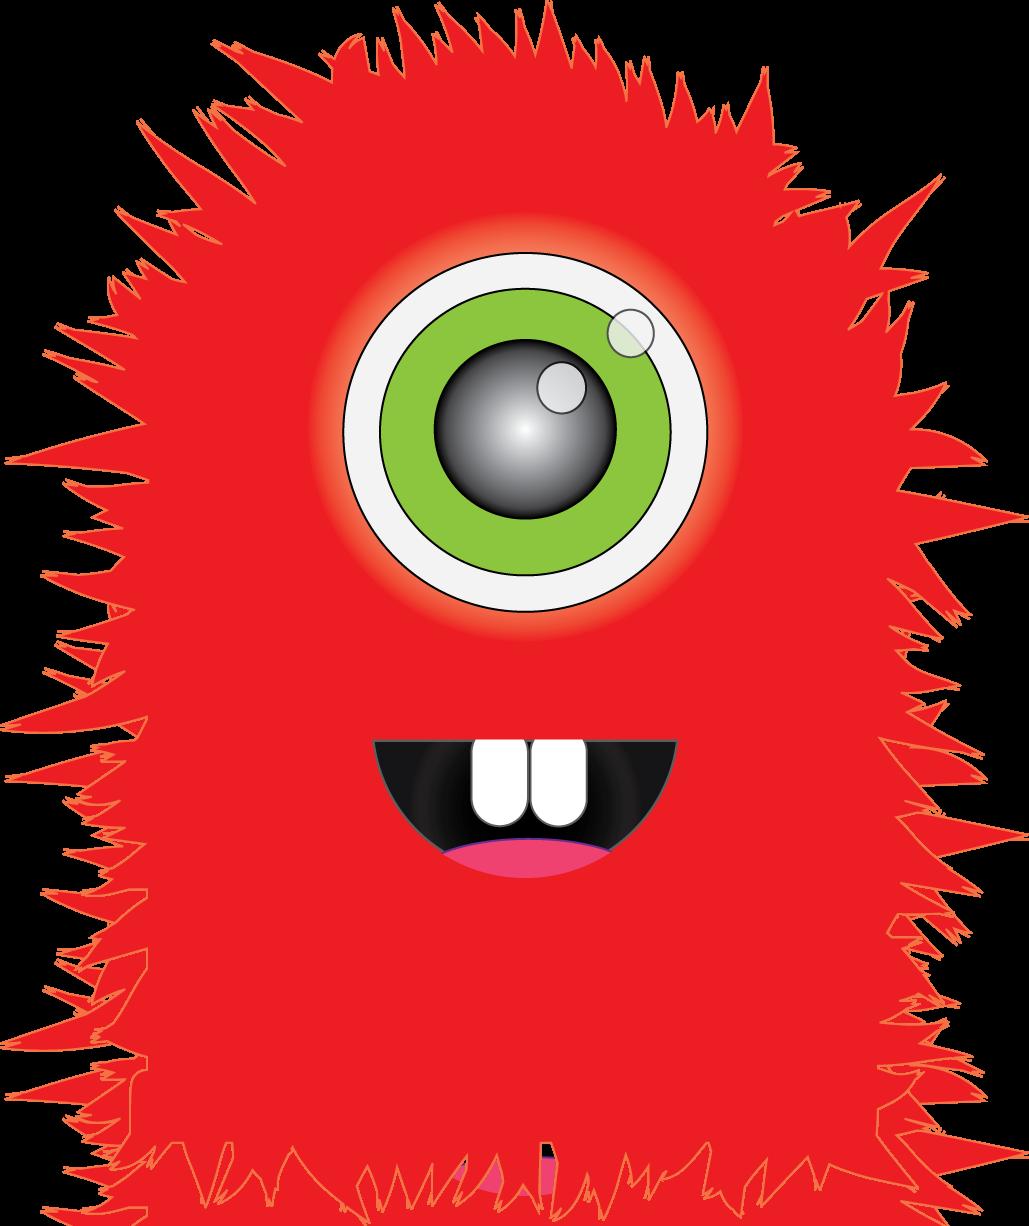 Monster red